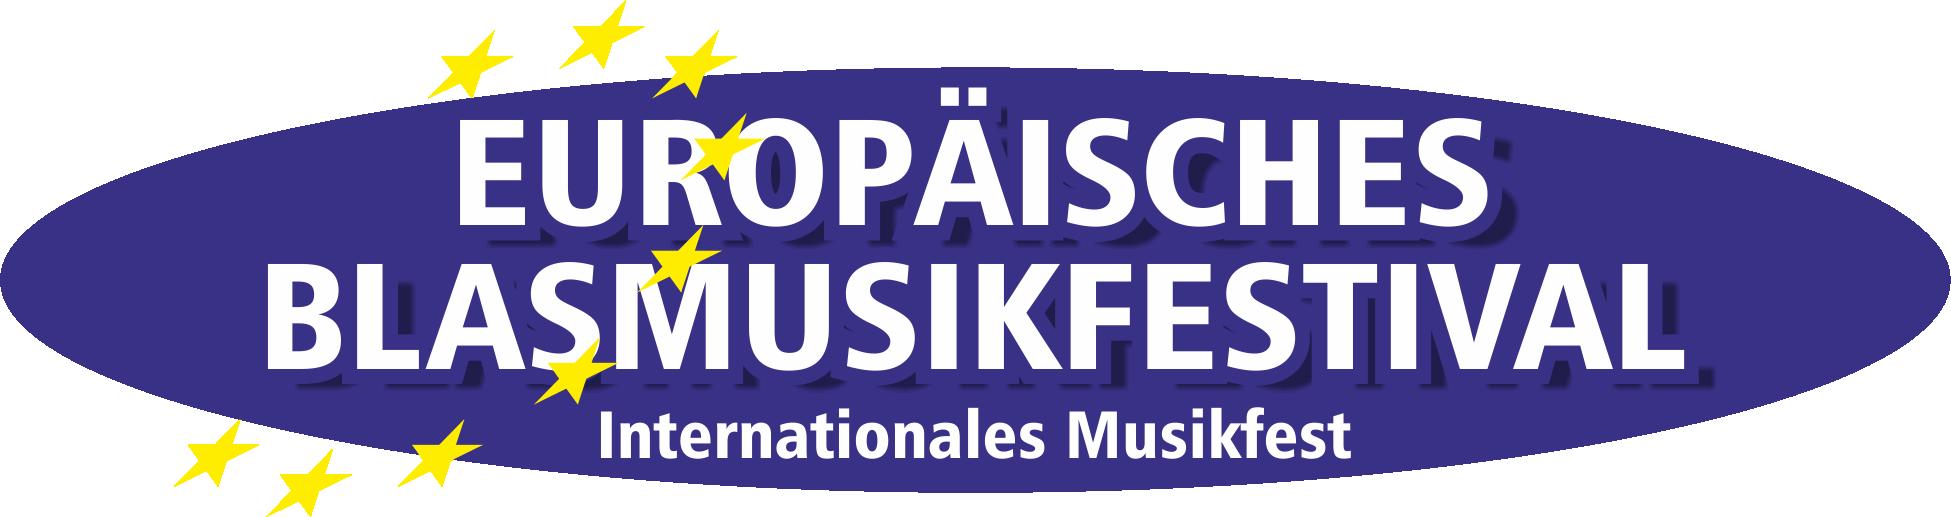 Europäisches Blasmusikfestival Logo